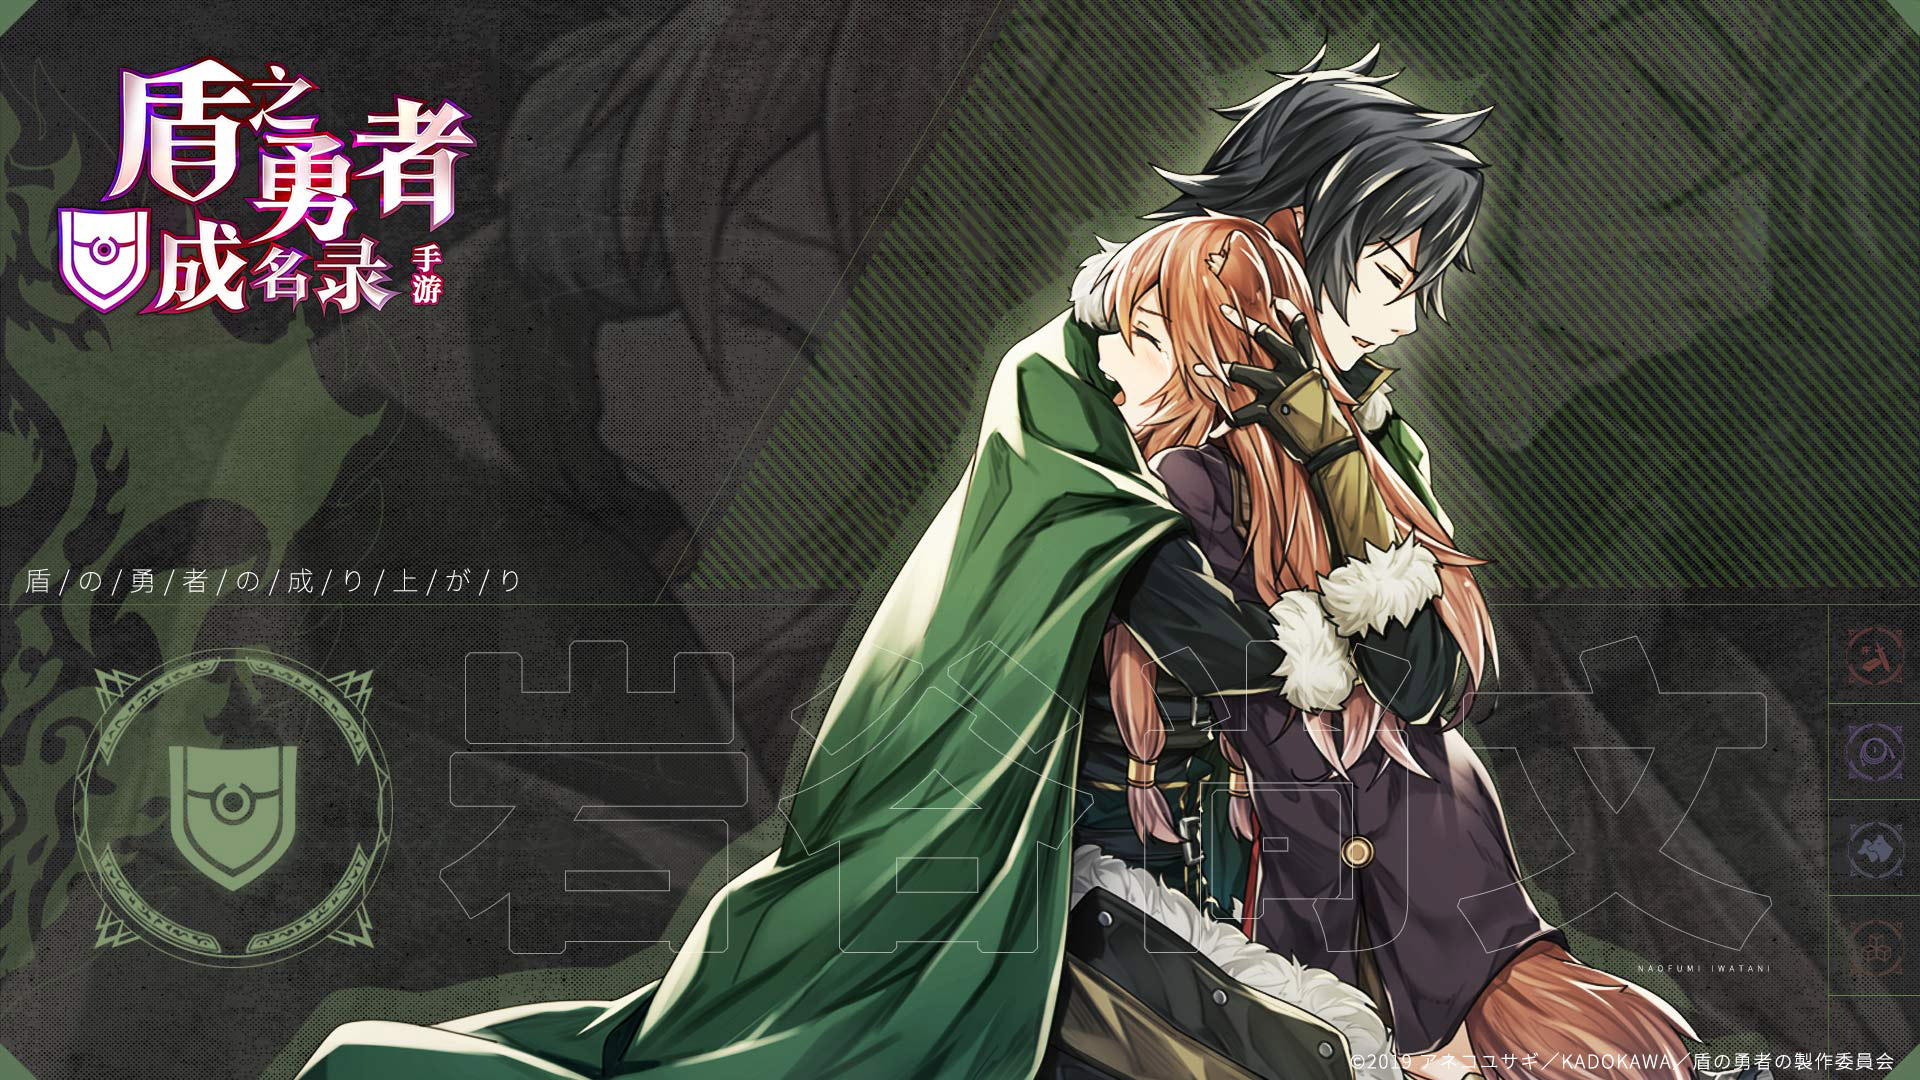 Tate No Yuusha No Nariagari Mobile Game Wallpaper 2795216